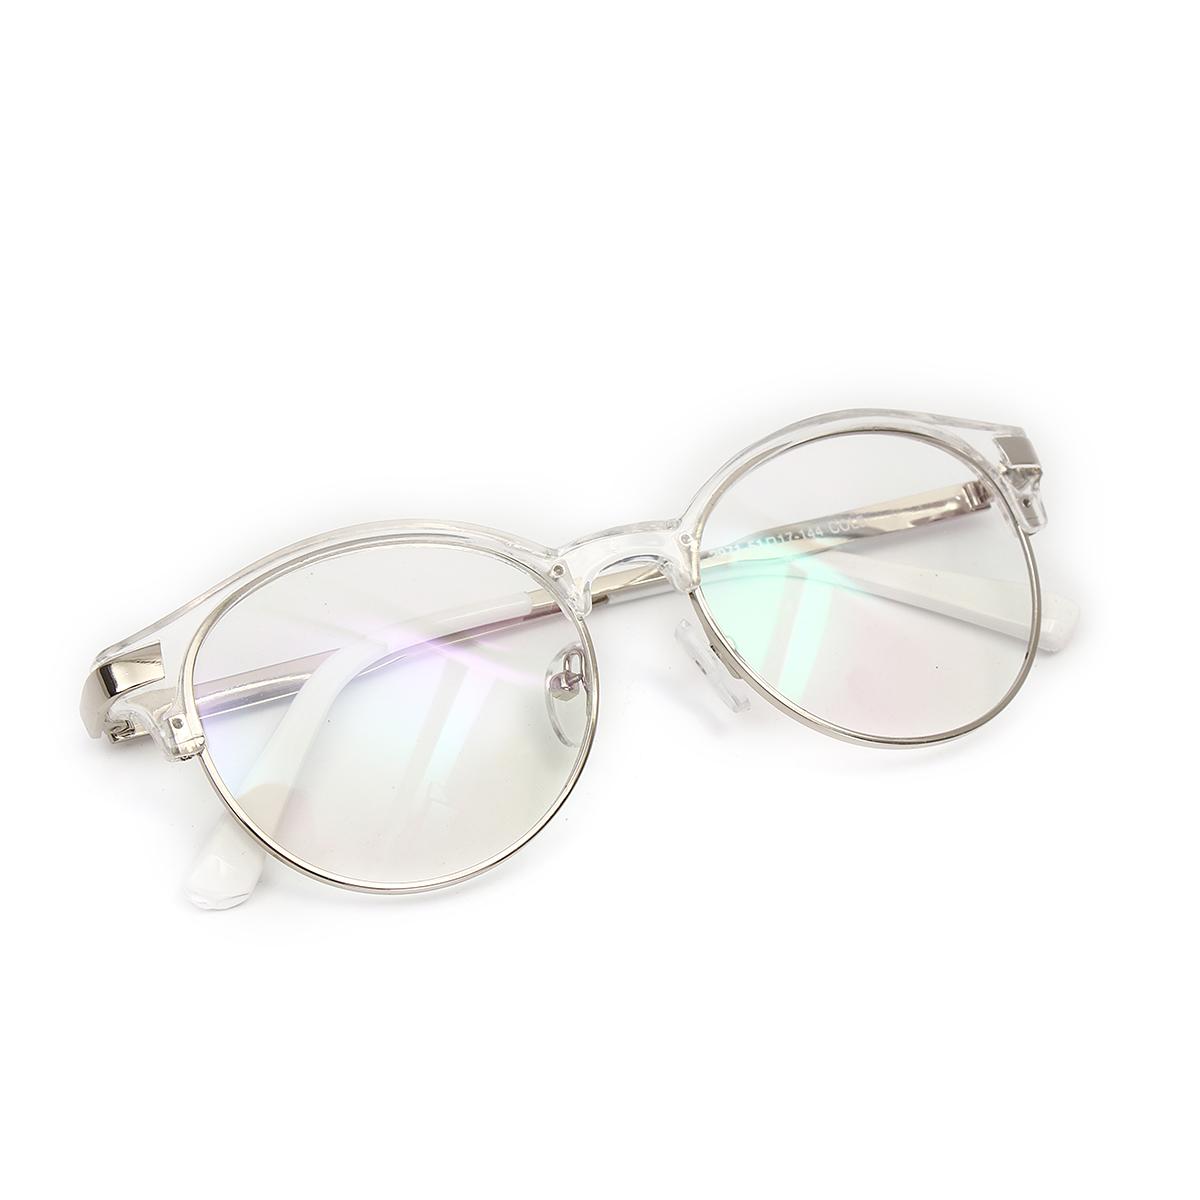 lunettes ovales fashion designs. Black Bedroom Furniture Sets. Home Design Ideas